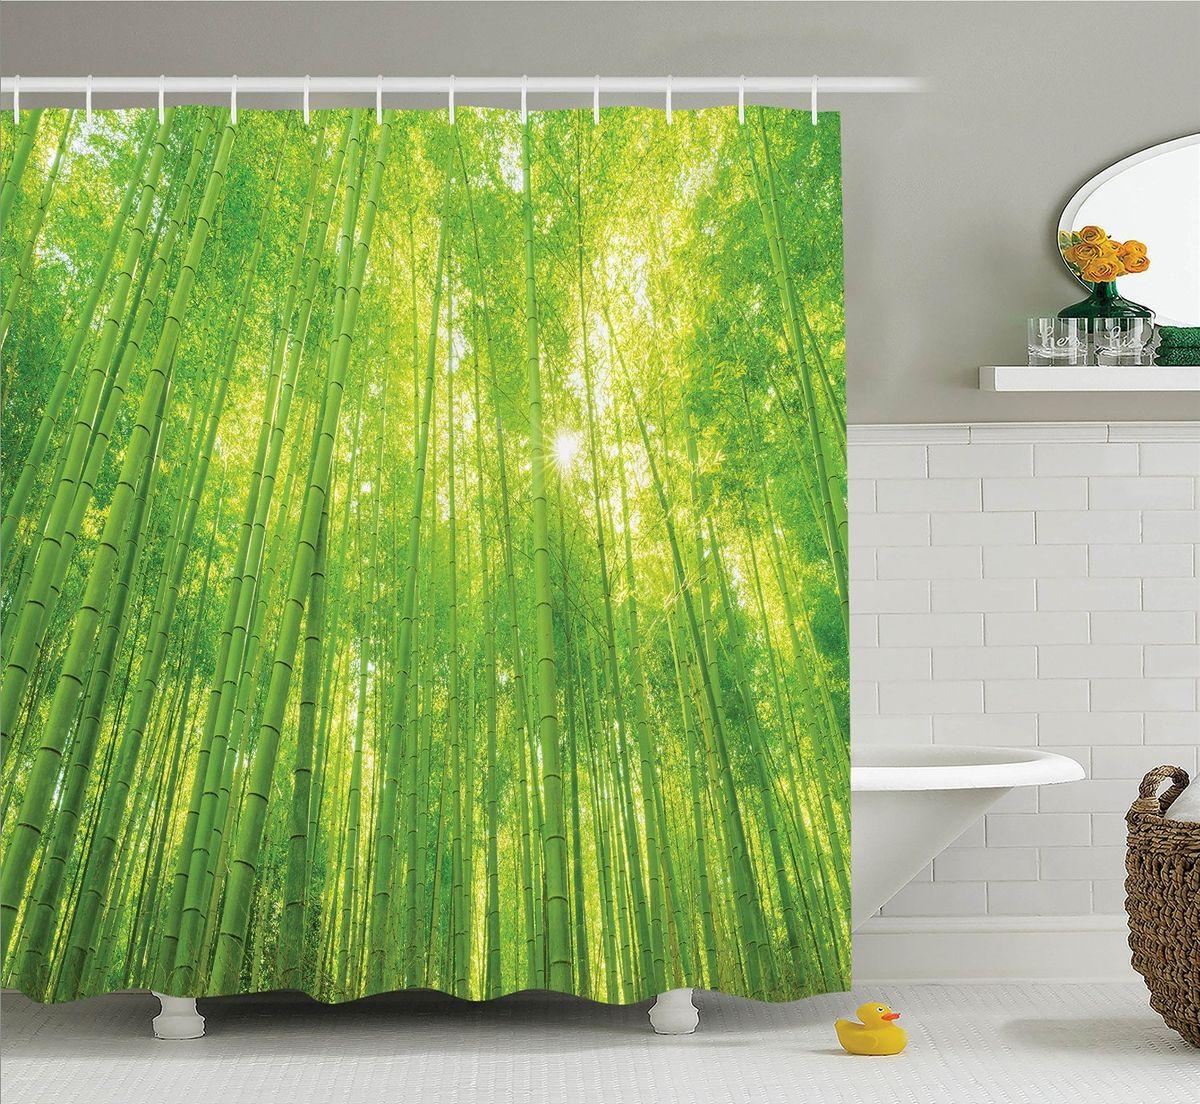 Штора для ванной комнаты Magic Lady Бамбуковый лес, 180 х 200 смшв_12171Штора Magic Lady Бамбуковый лес, изготовленная из высококачественного сатена (полиэстер 100%), отлично дополнит любой интерьер ванной комнаты. При изготовлении используются специальные гипоаллергенные чернила для прямой печати по ткани, безопасные для человека.В комплекте: 1 штора, 12 крючков. Обращаем ваше внимание, фактический цвет изделия может незначительно отличаться от представленного на фото.